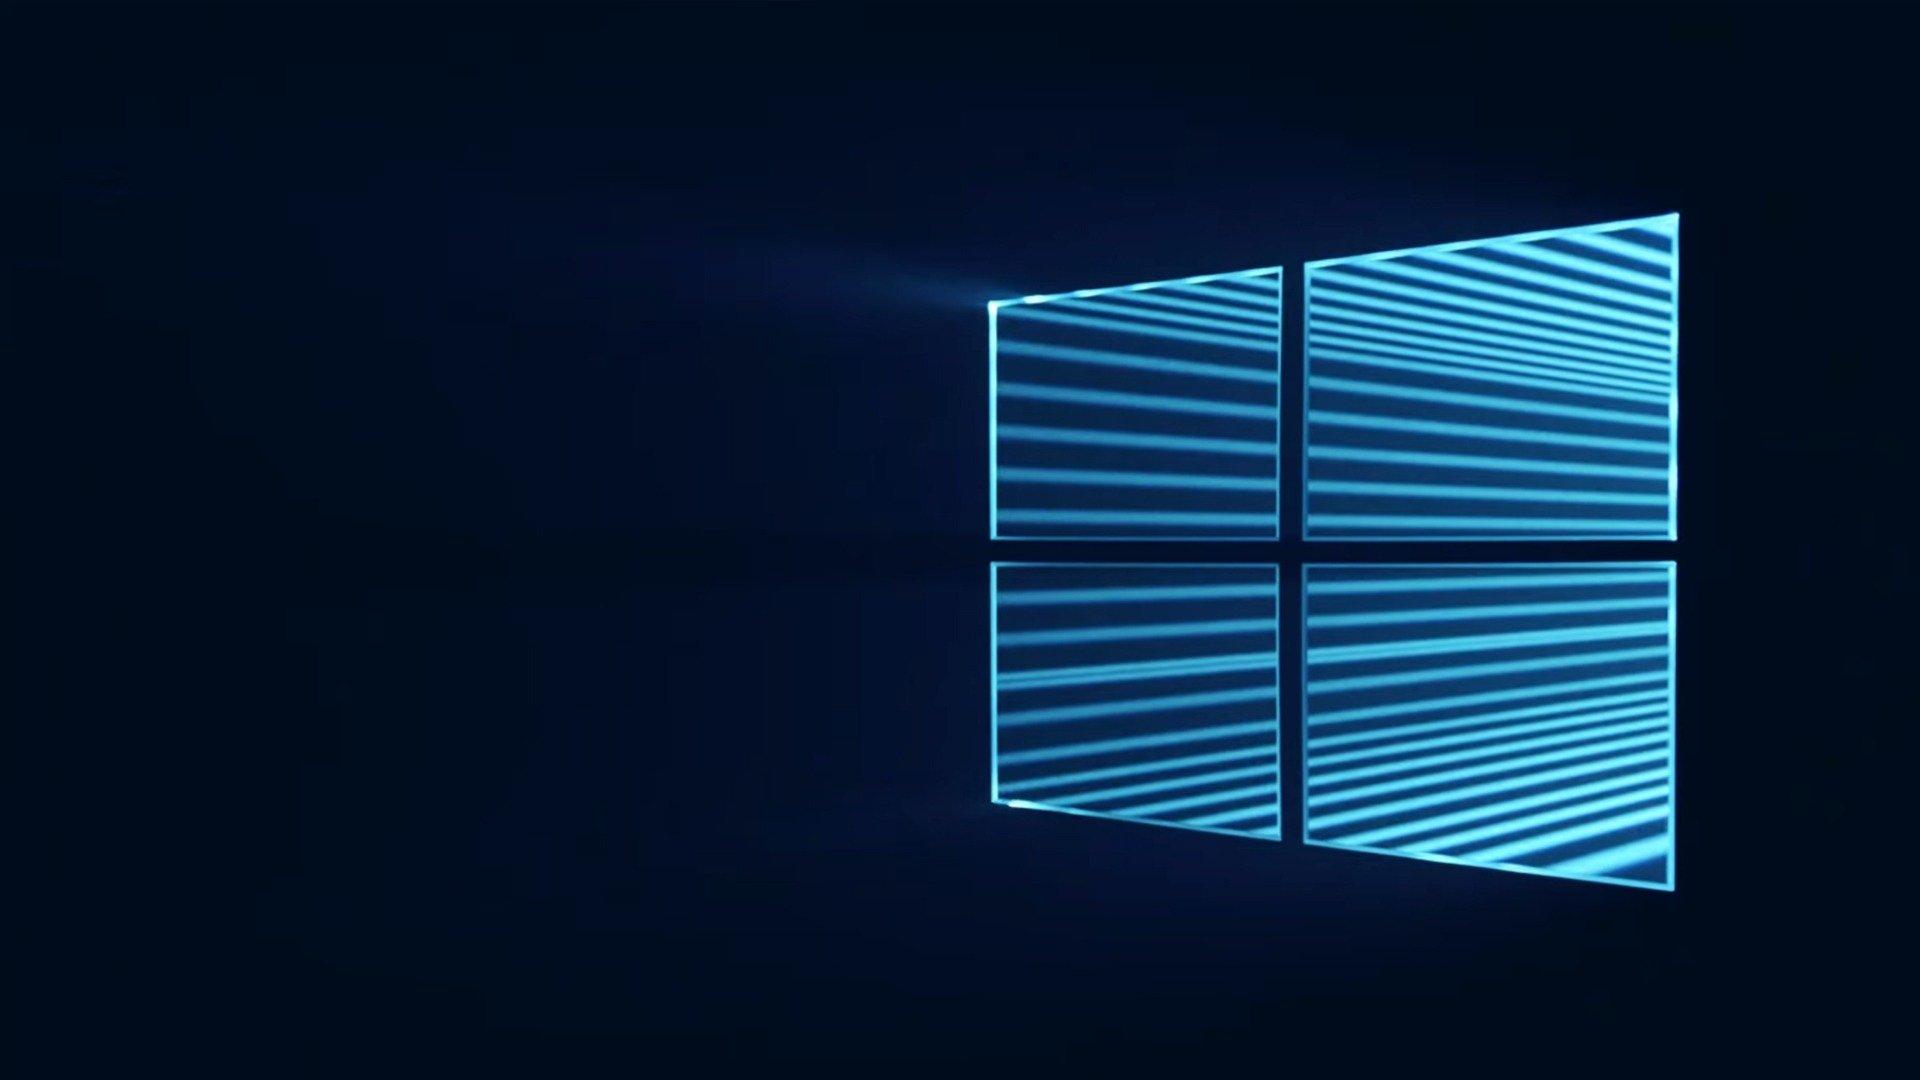 Windows 10 logotipo em luz